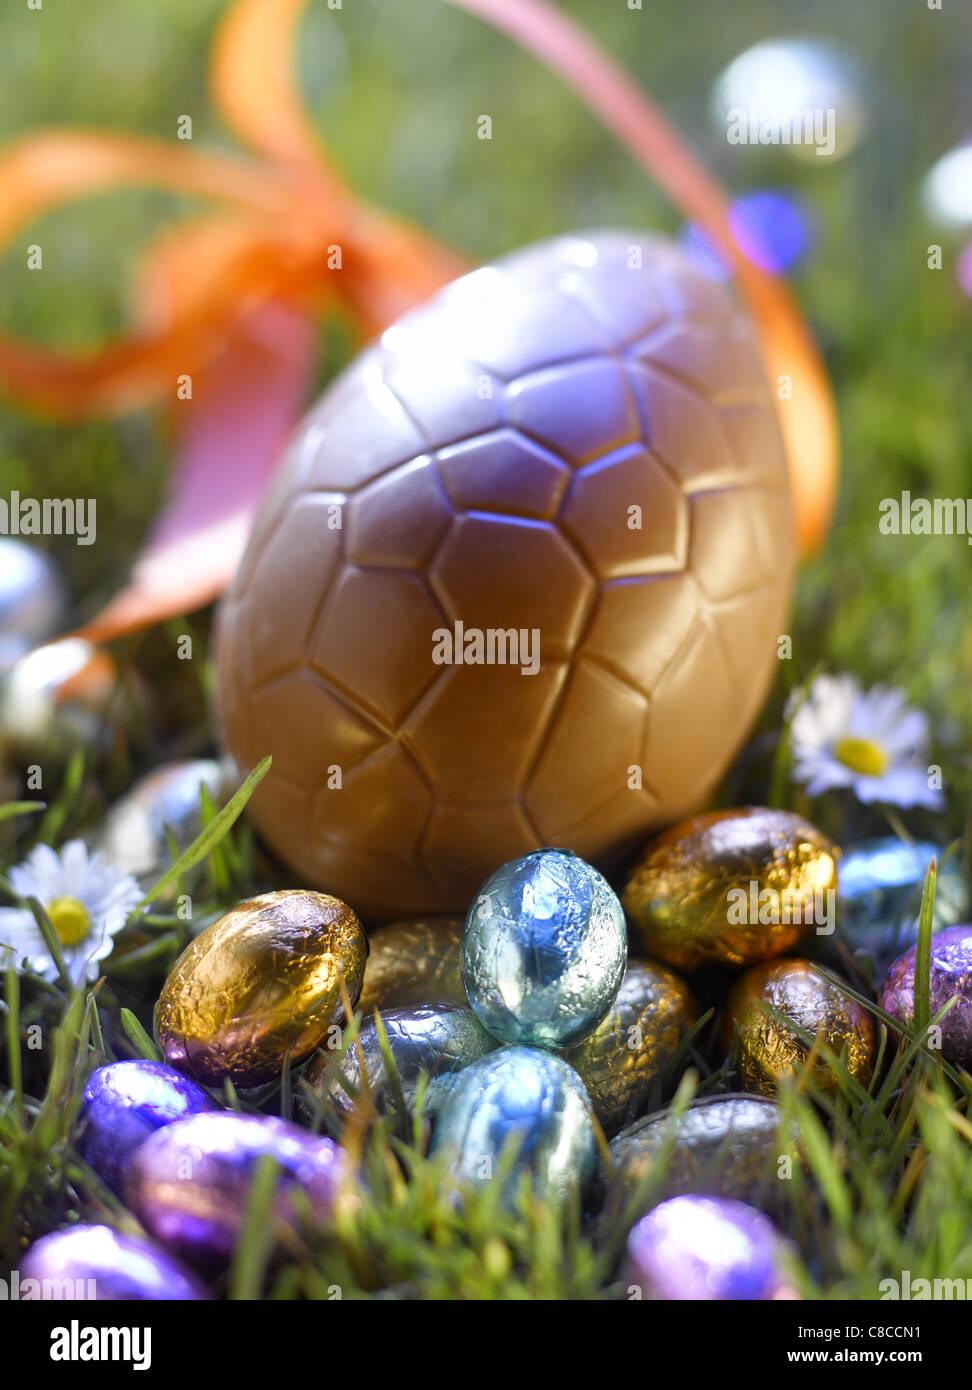 Los huevos de pascua en el jardín Imagen De Stock